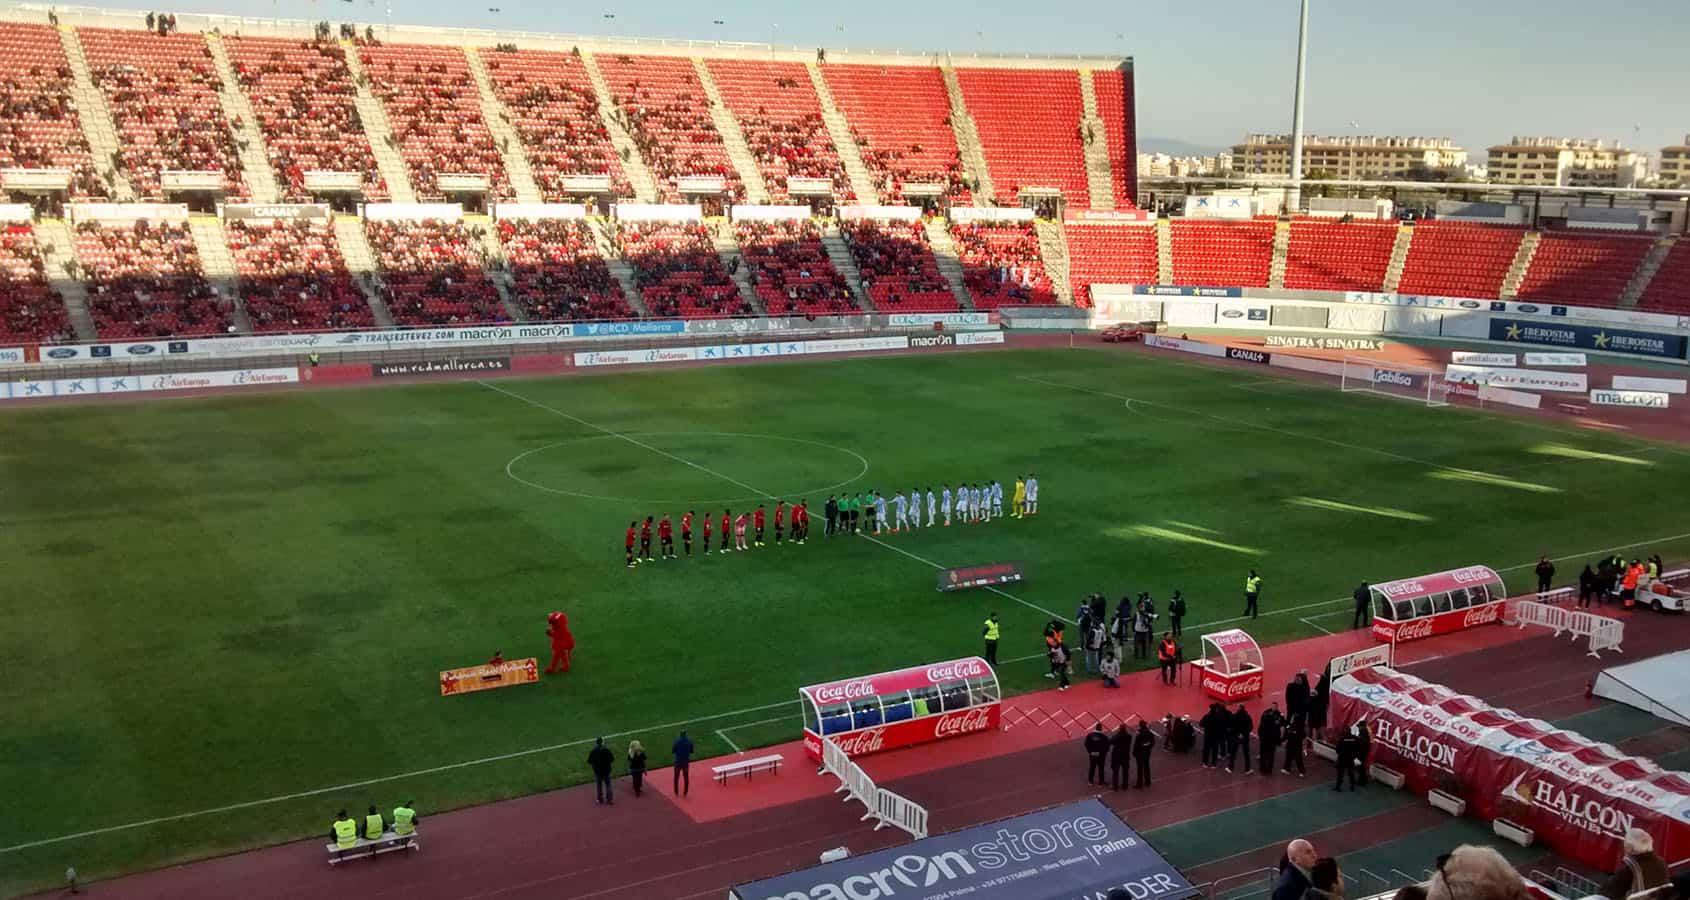 Fotbollsresor, RCD Mallorca Biljetter, Spanien, La Liga, Estadi de Son Moix